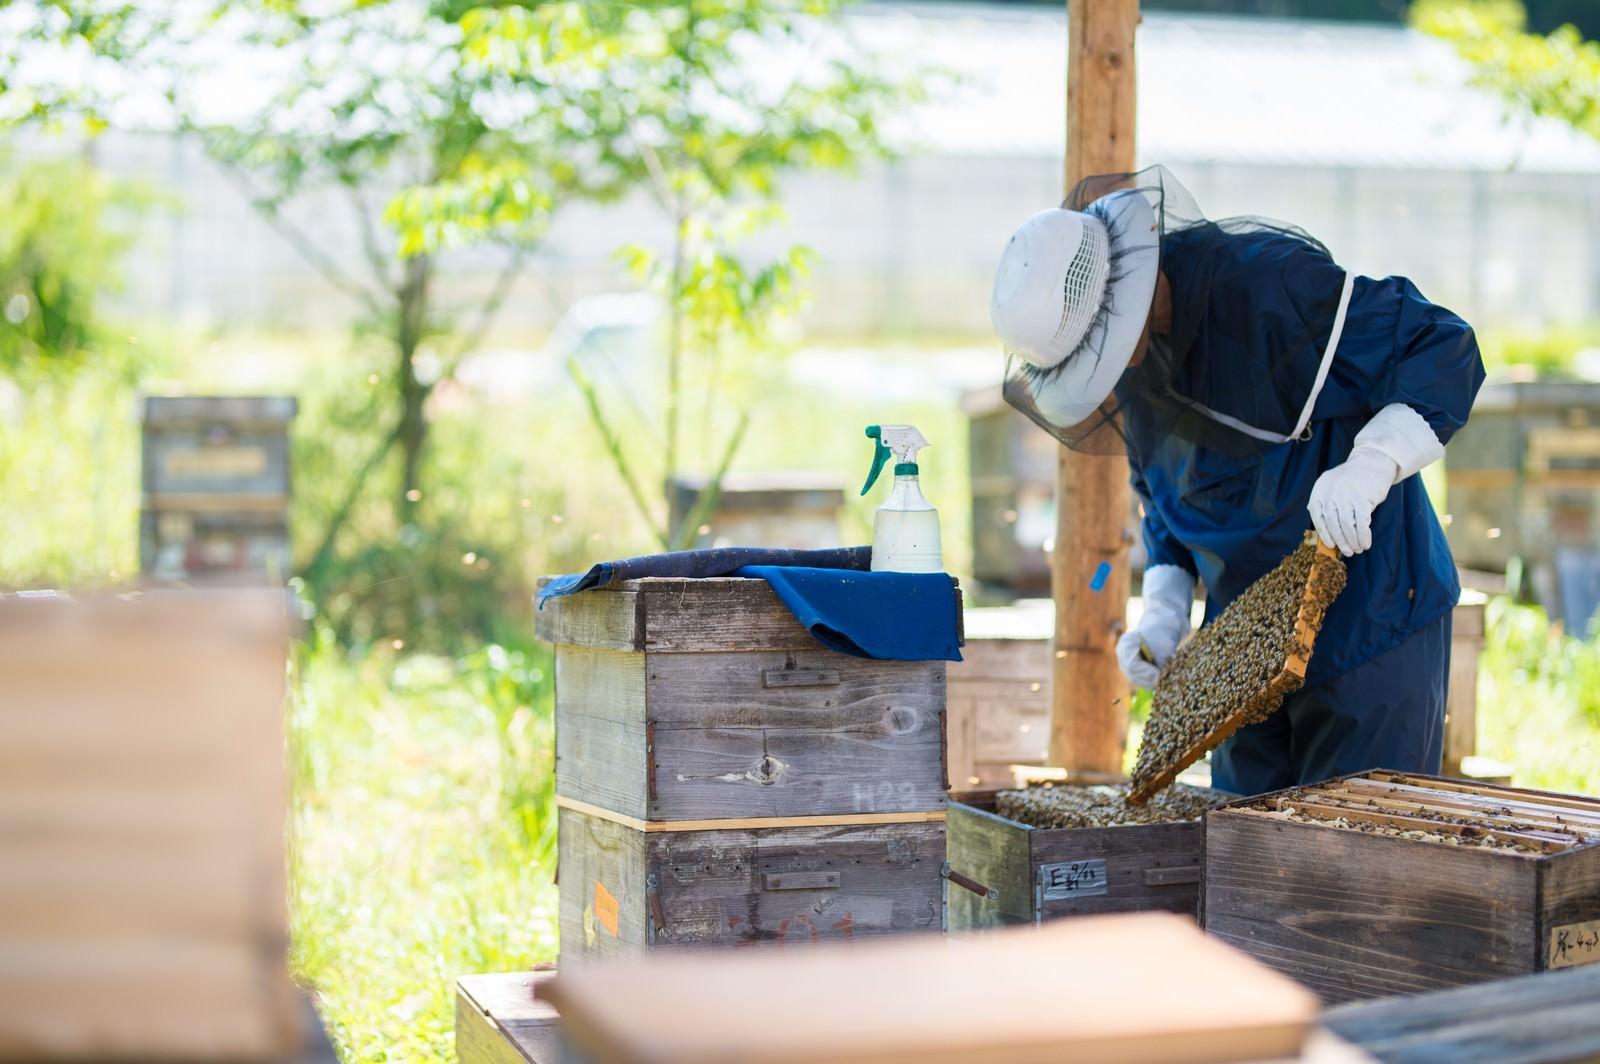 「蜜蜂の巣板を丁寧に管理する養蜂家」の写真